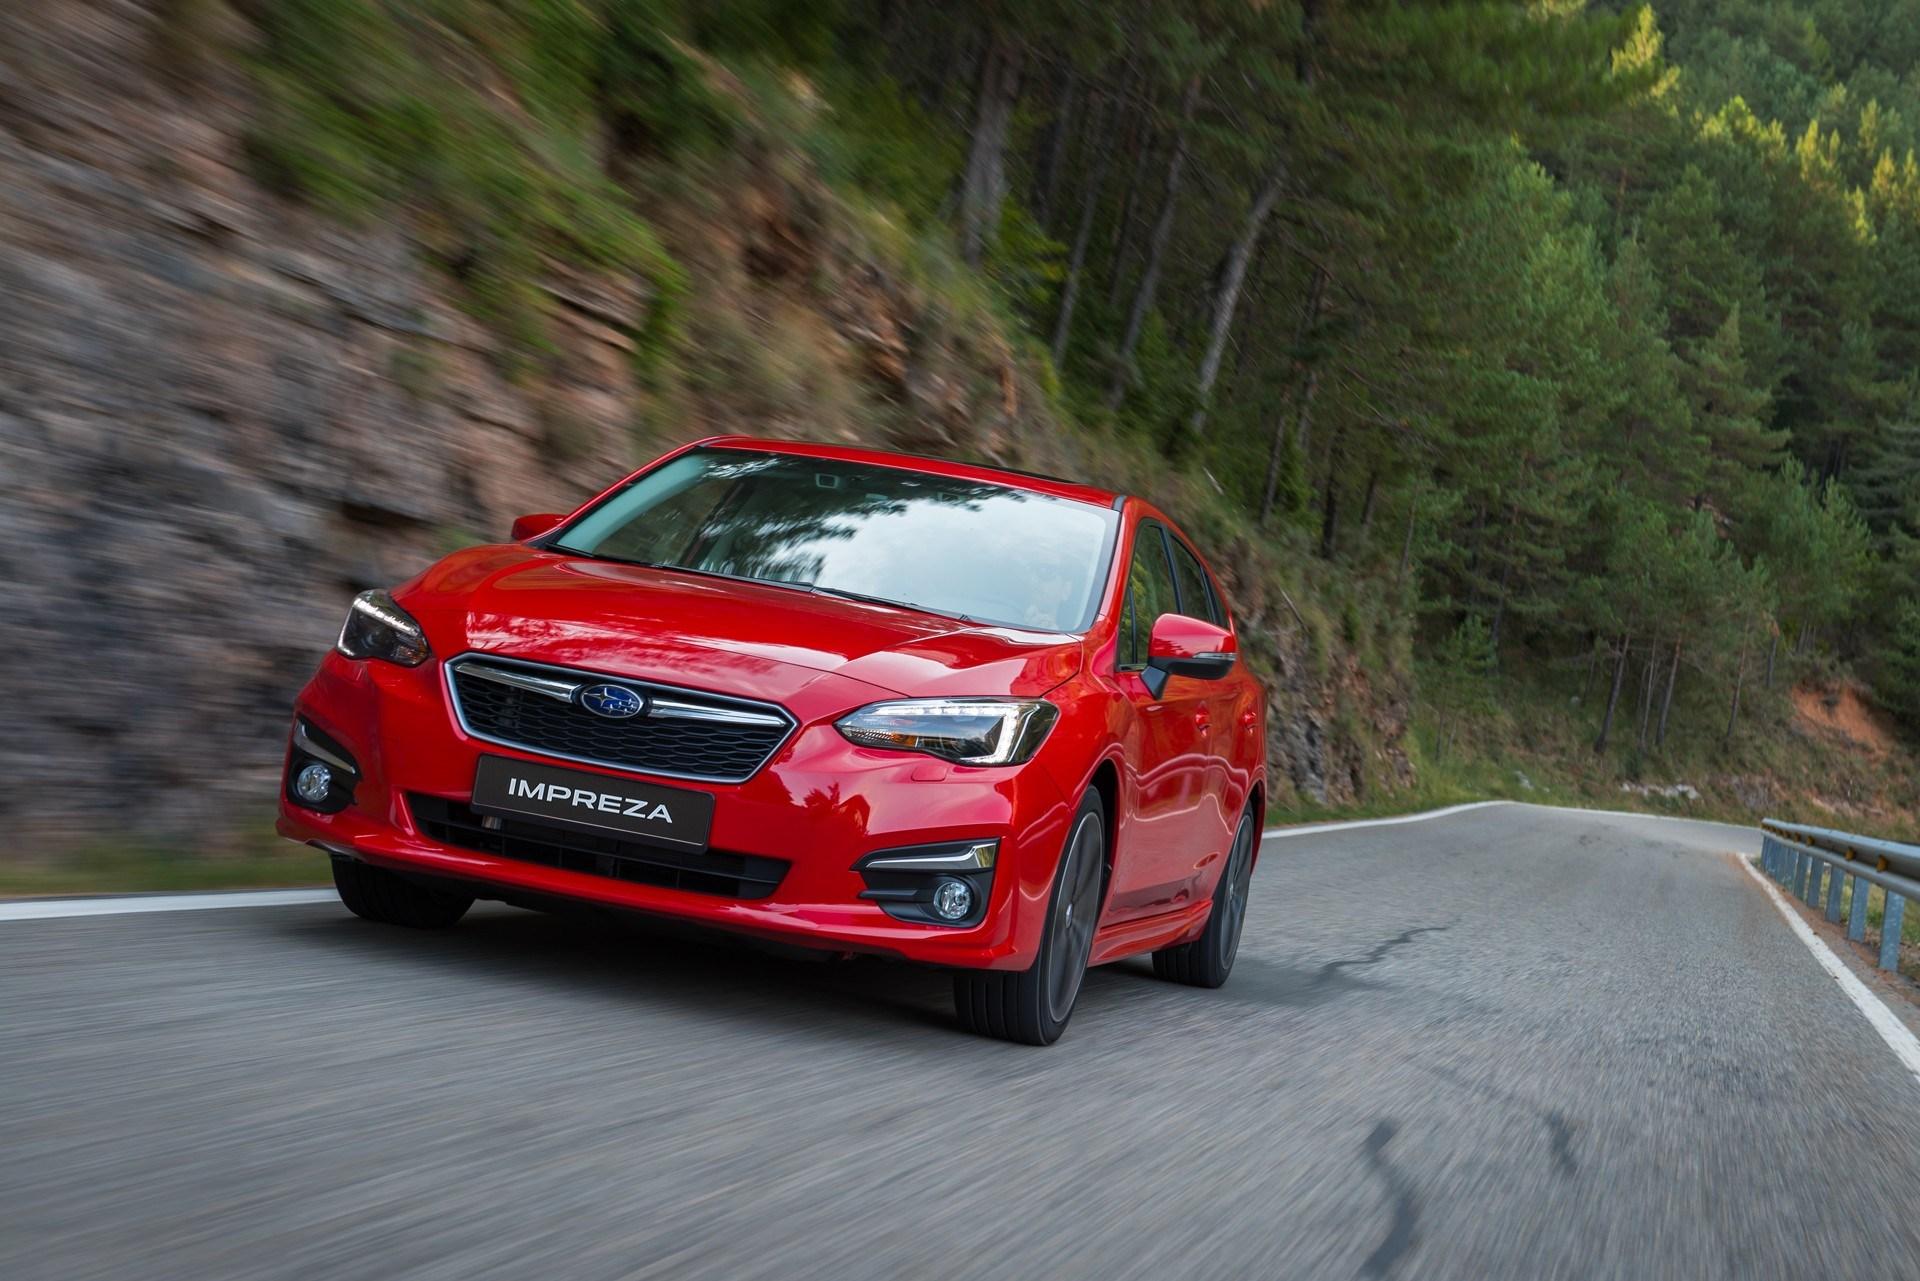 Subaru Impreza: per l'Europa, nella sola versione con motore 1.6 e EyeSight di serie